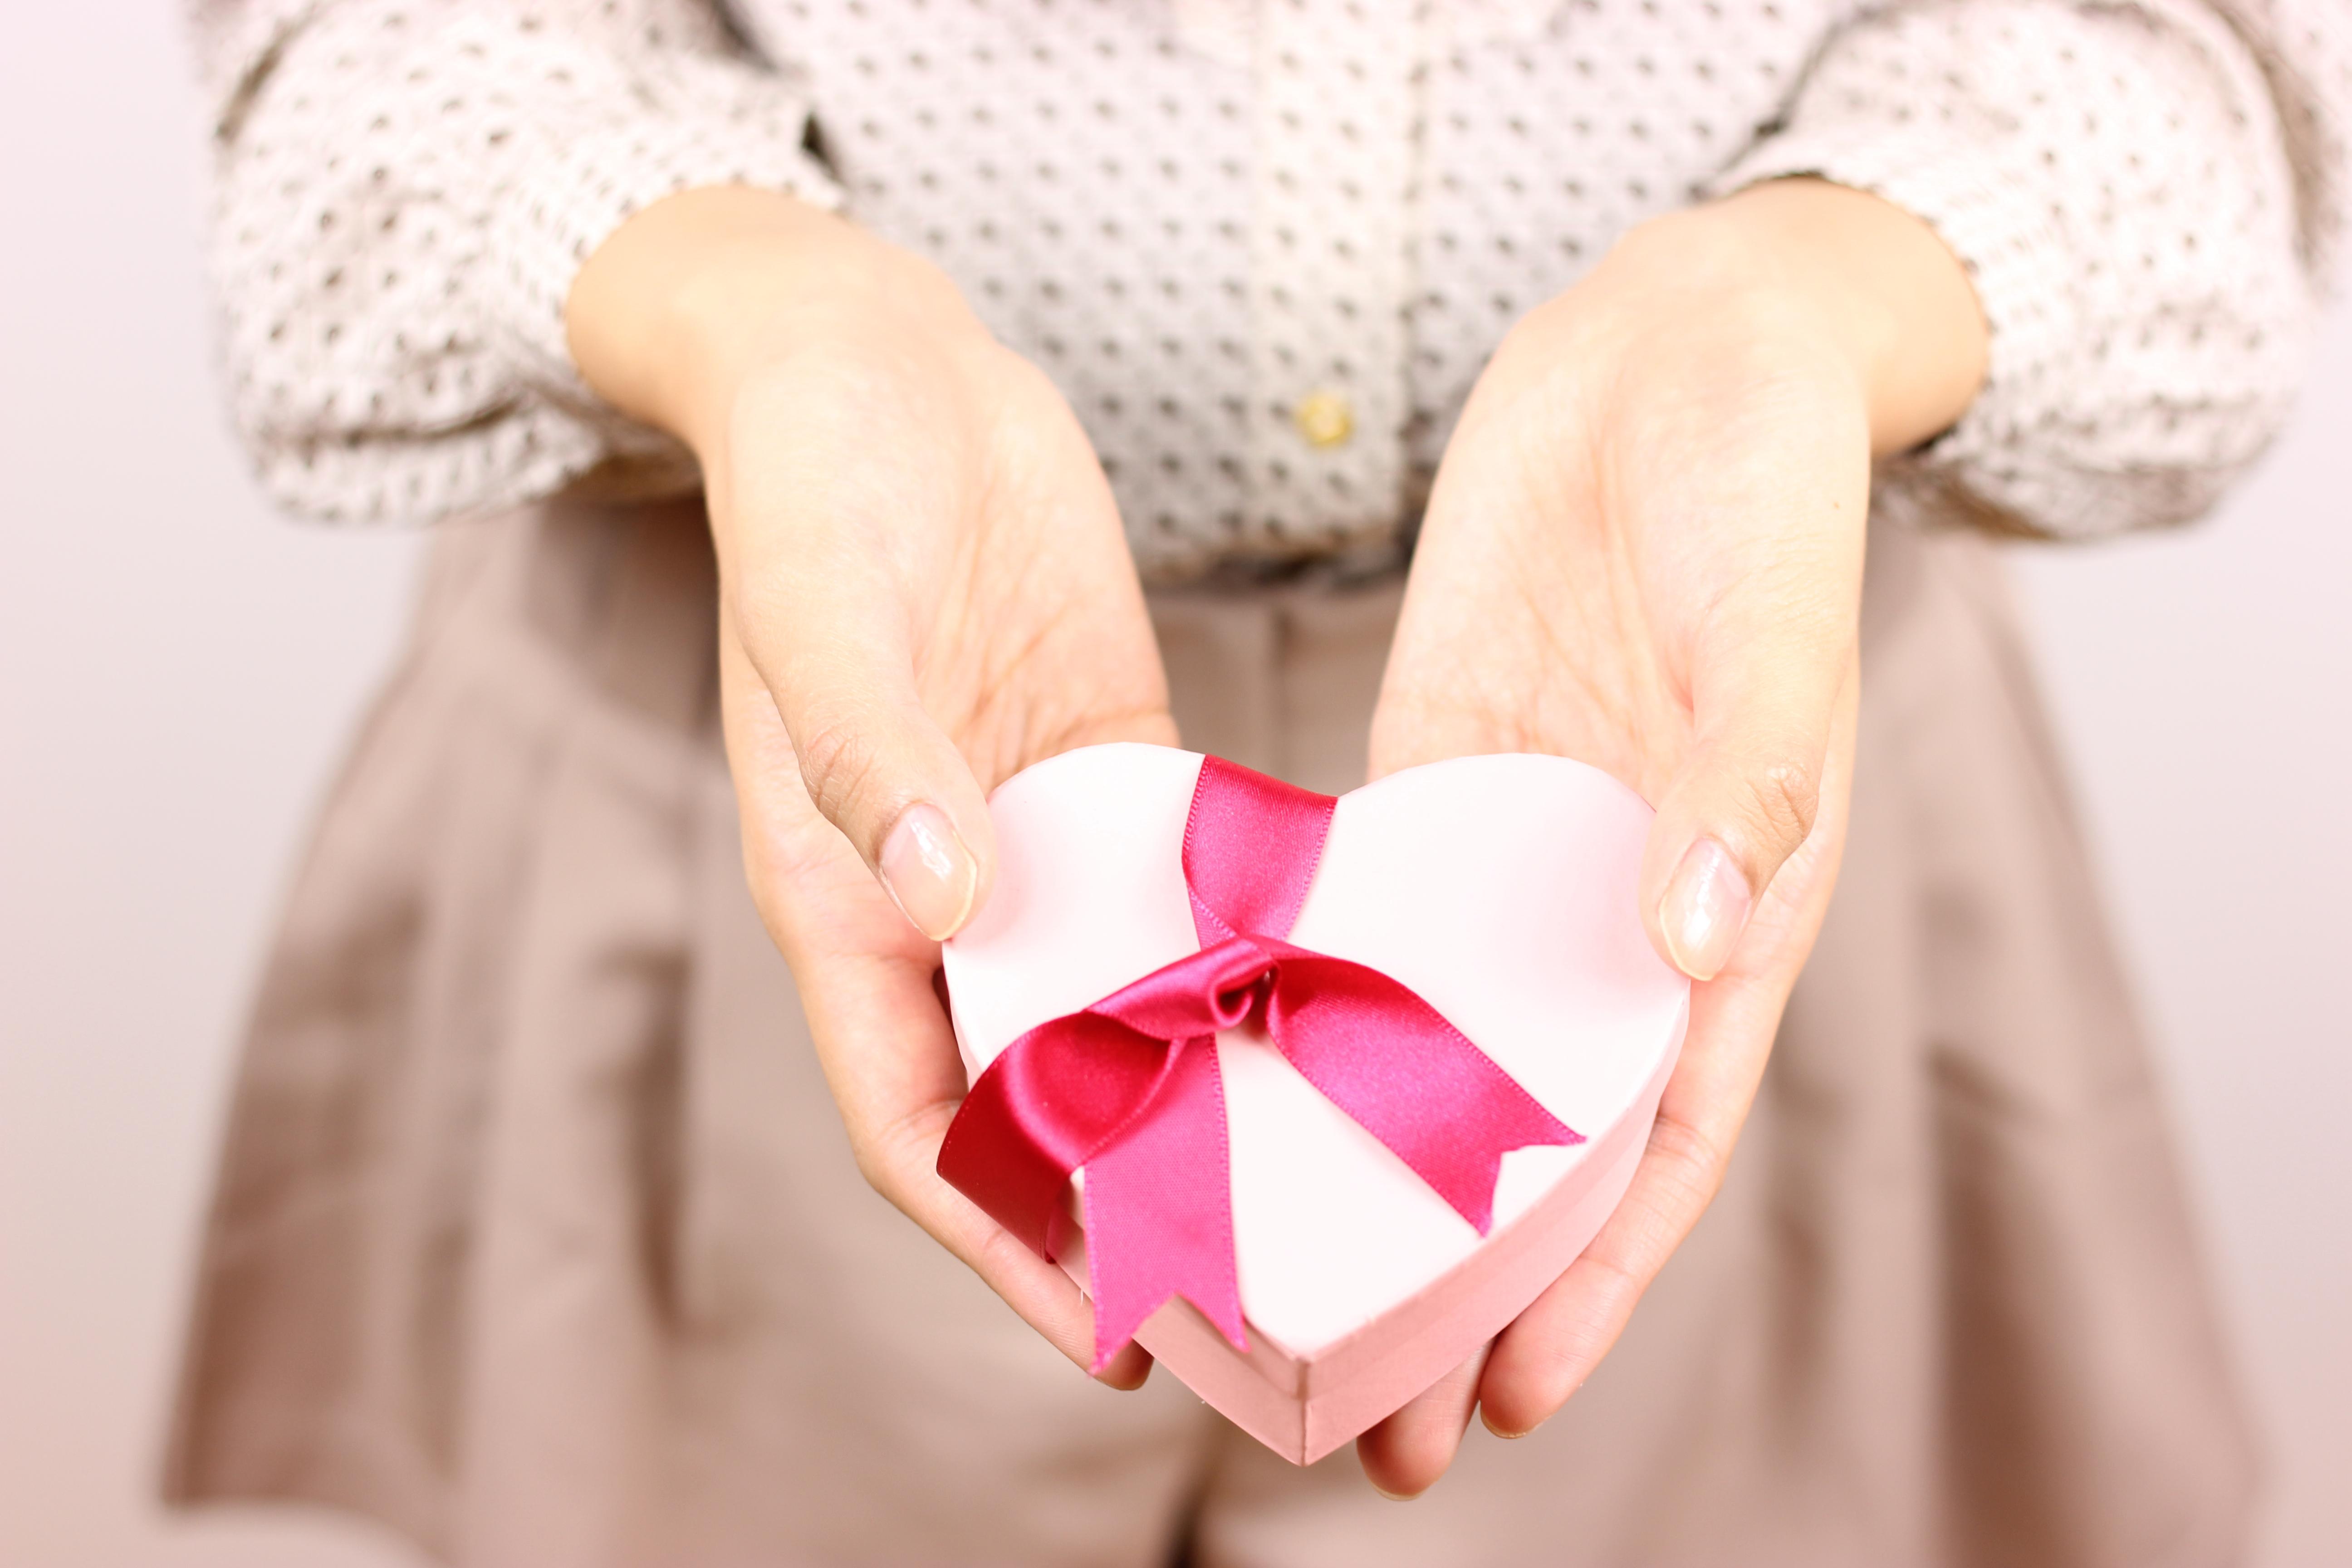 【バレンタインプレゼント】チョコ以外に男性が貰って嬉しいバレンタインプレゼント5選